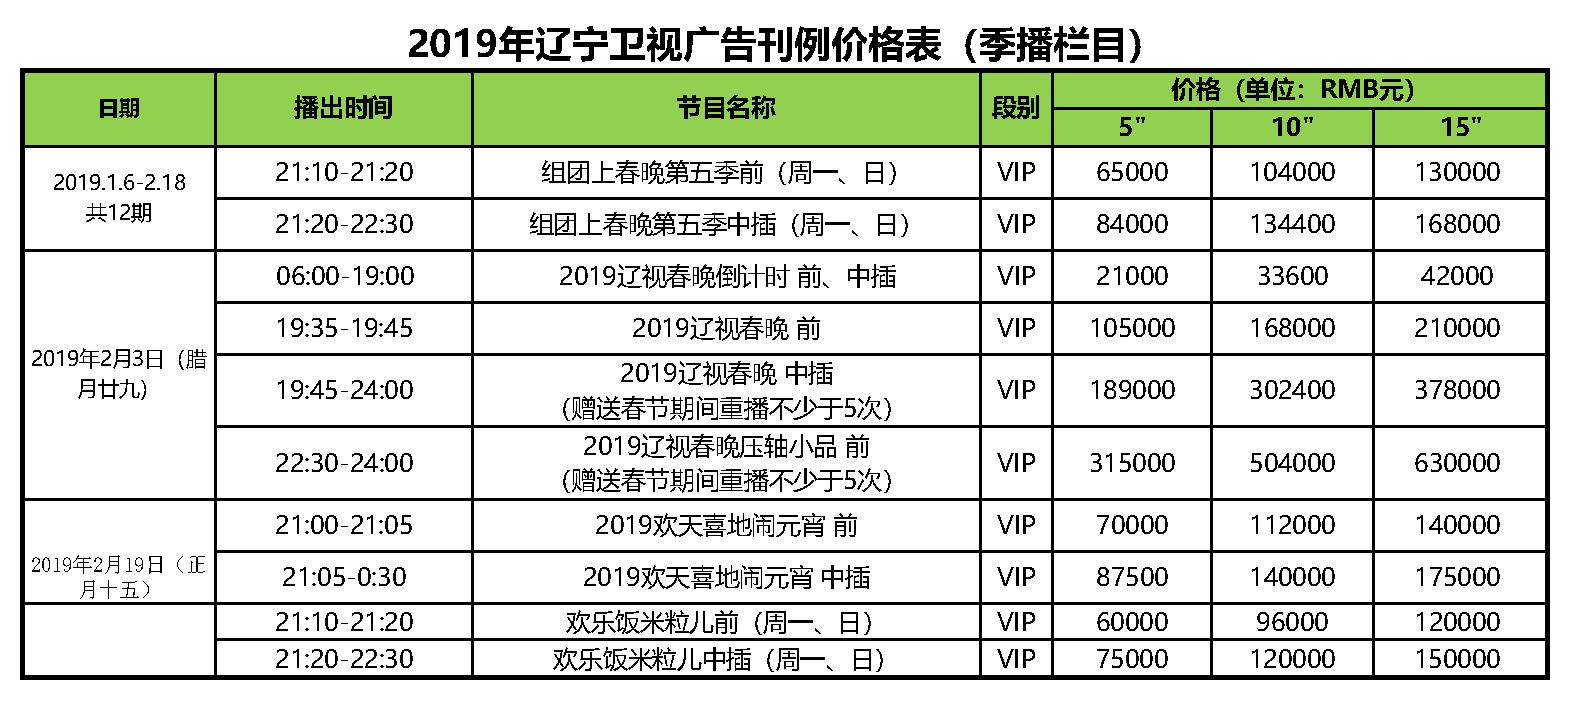 2019年 辽宁卫视 季播栏目广告刊例价格